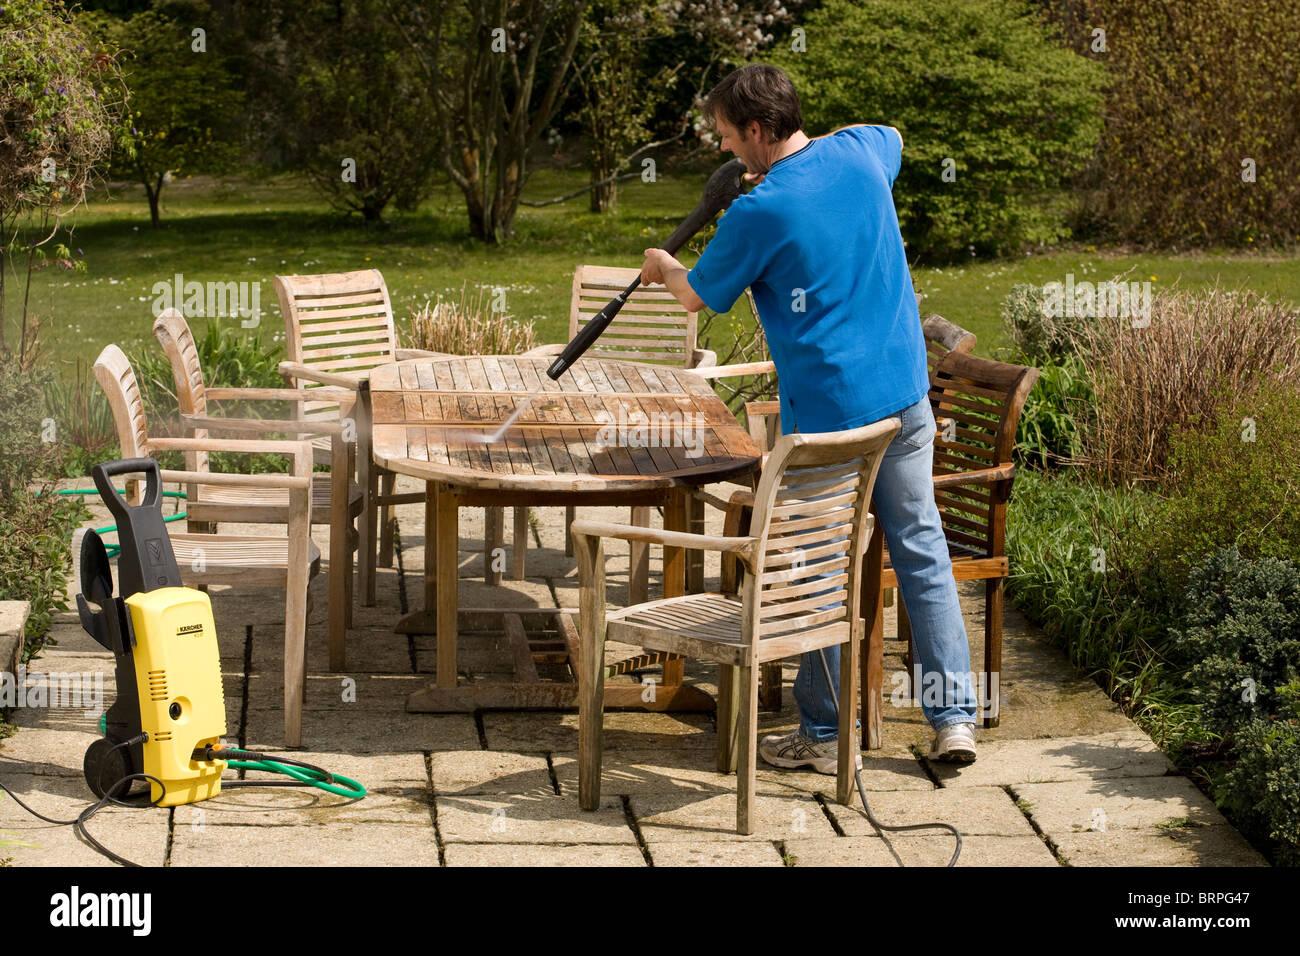 Man Using A Pressure Washer To Clean Teak Wood Garden Furniture Part 16